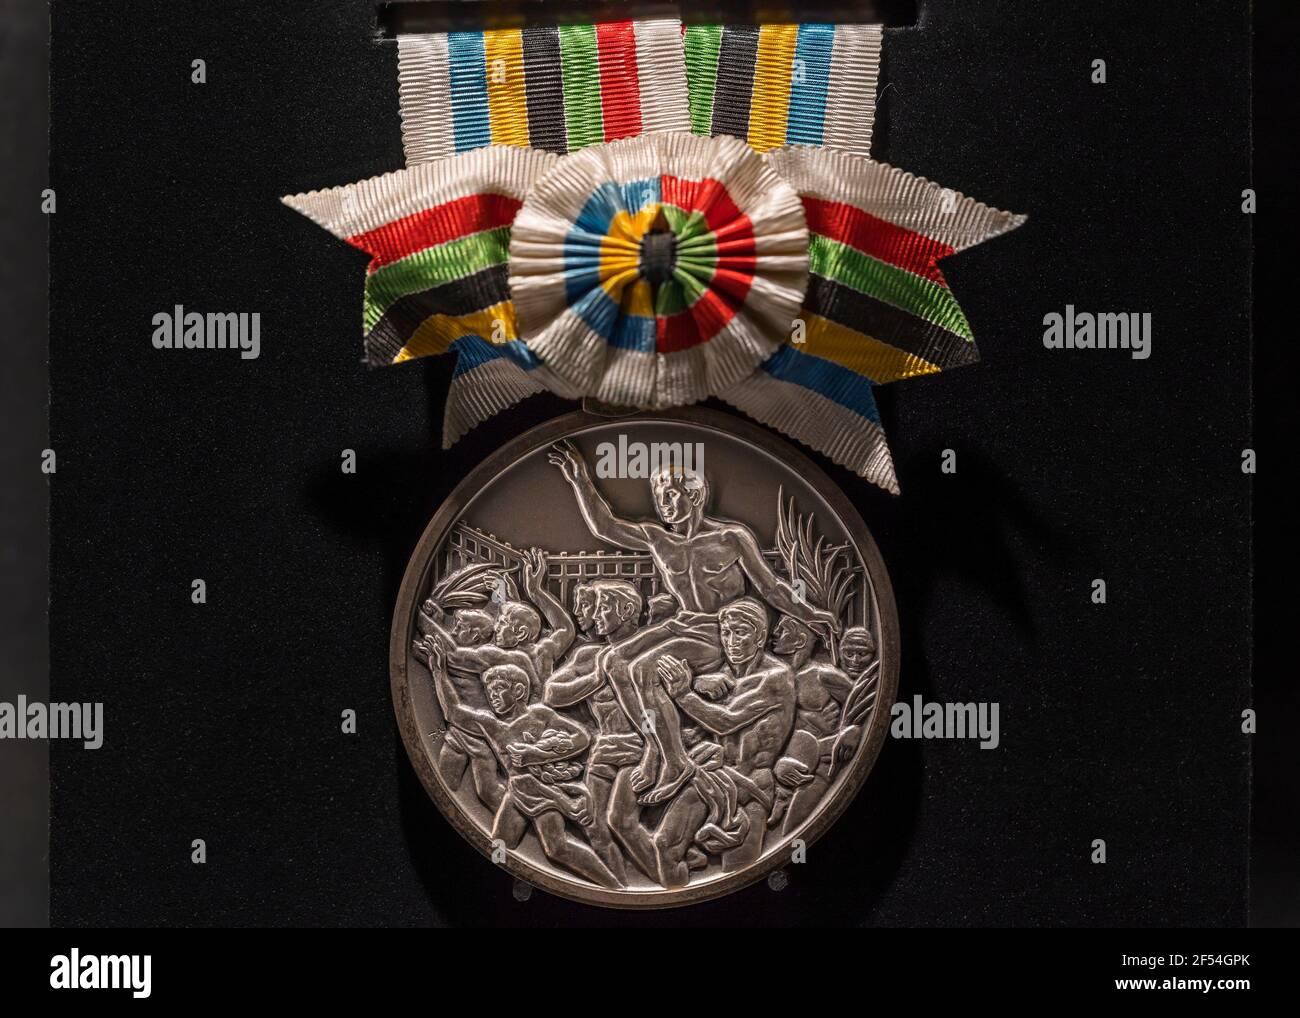 tokio, japón - marzo 2 2021: Primer plano de la medalla de plata oficial de gimnasia utilizada durante los Juegos Olímpicos de Verano de Tokio de 1964 exhibida en el Oly de Japón Foto de stock